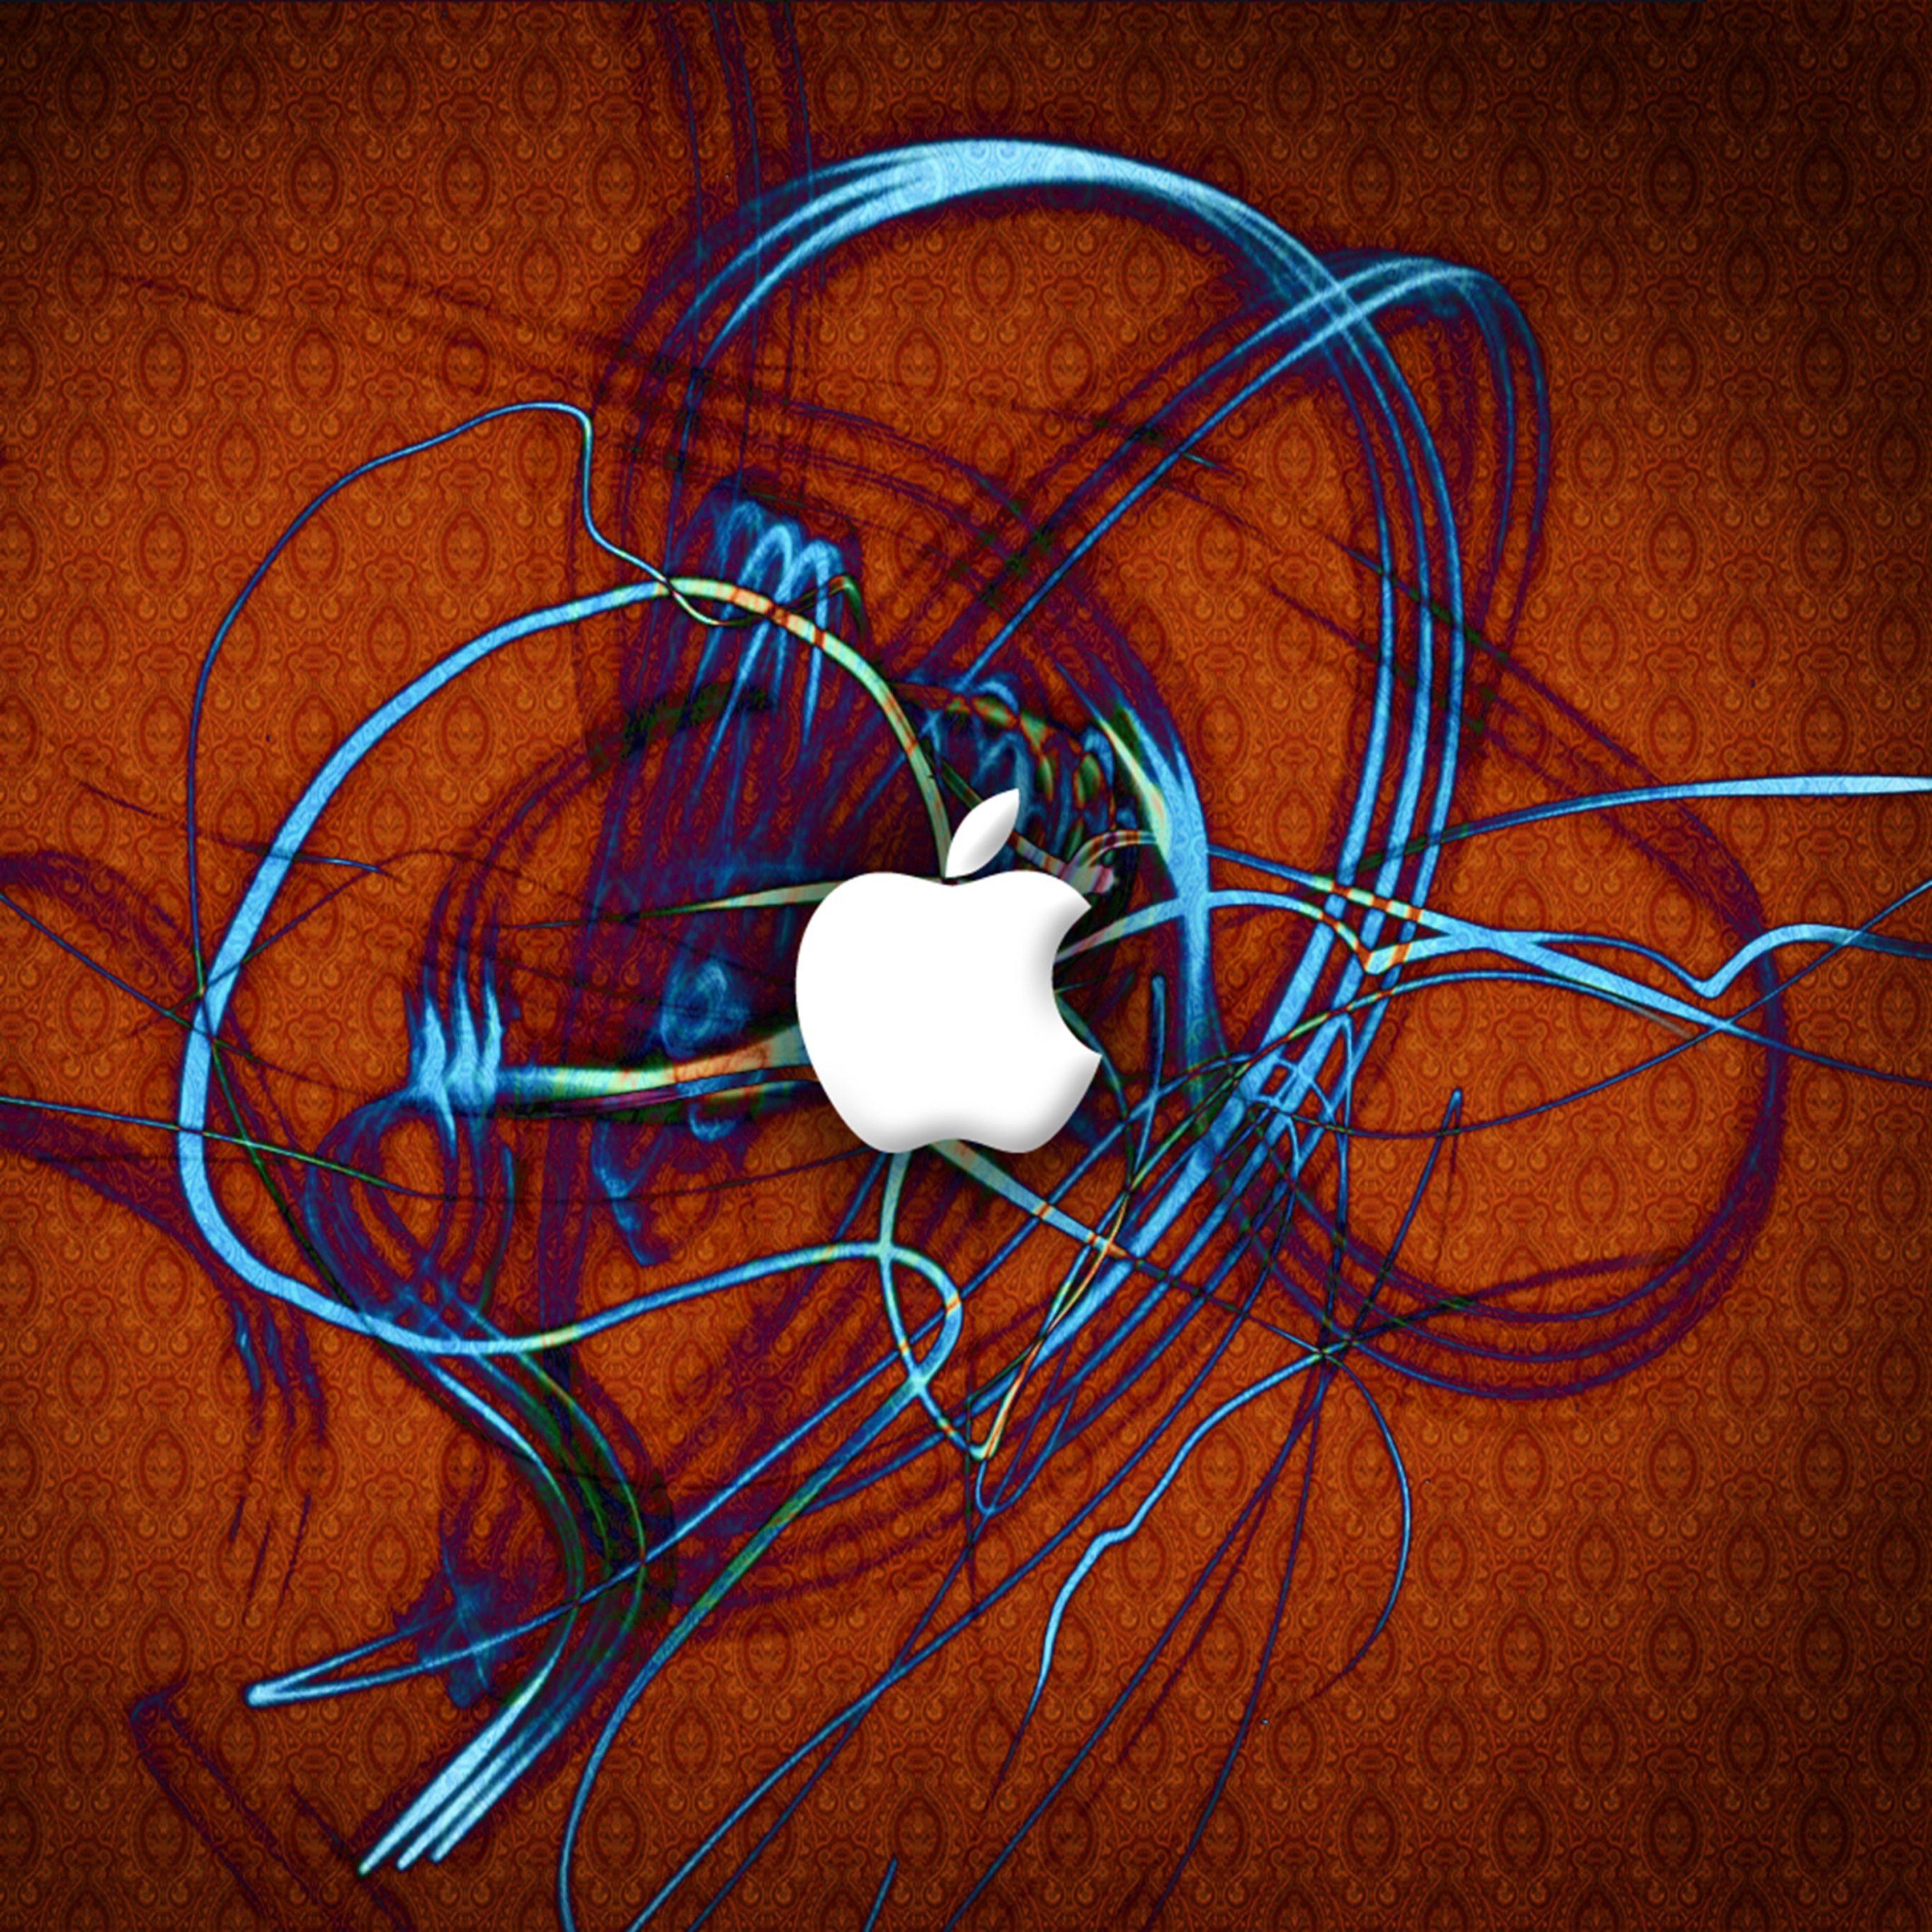 2732x2732 wallpapers 4k iPad Pro Apple Blue Ribbon Ipad Wallpaper 2732x2732 pixels resolution